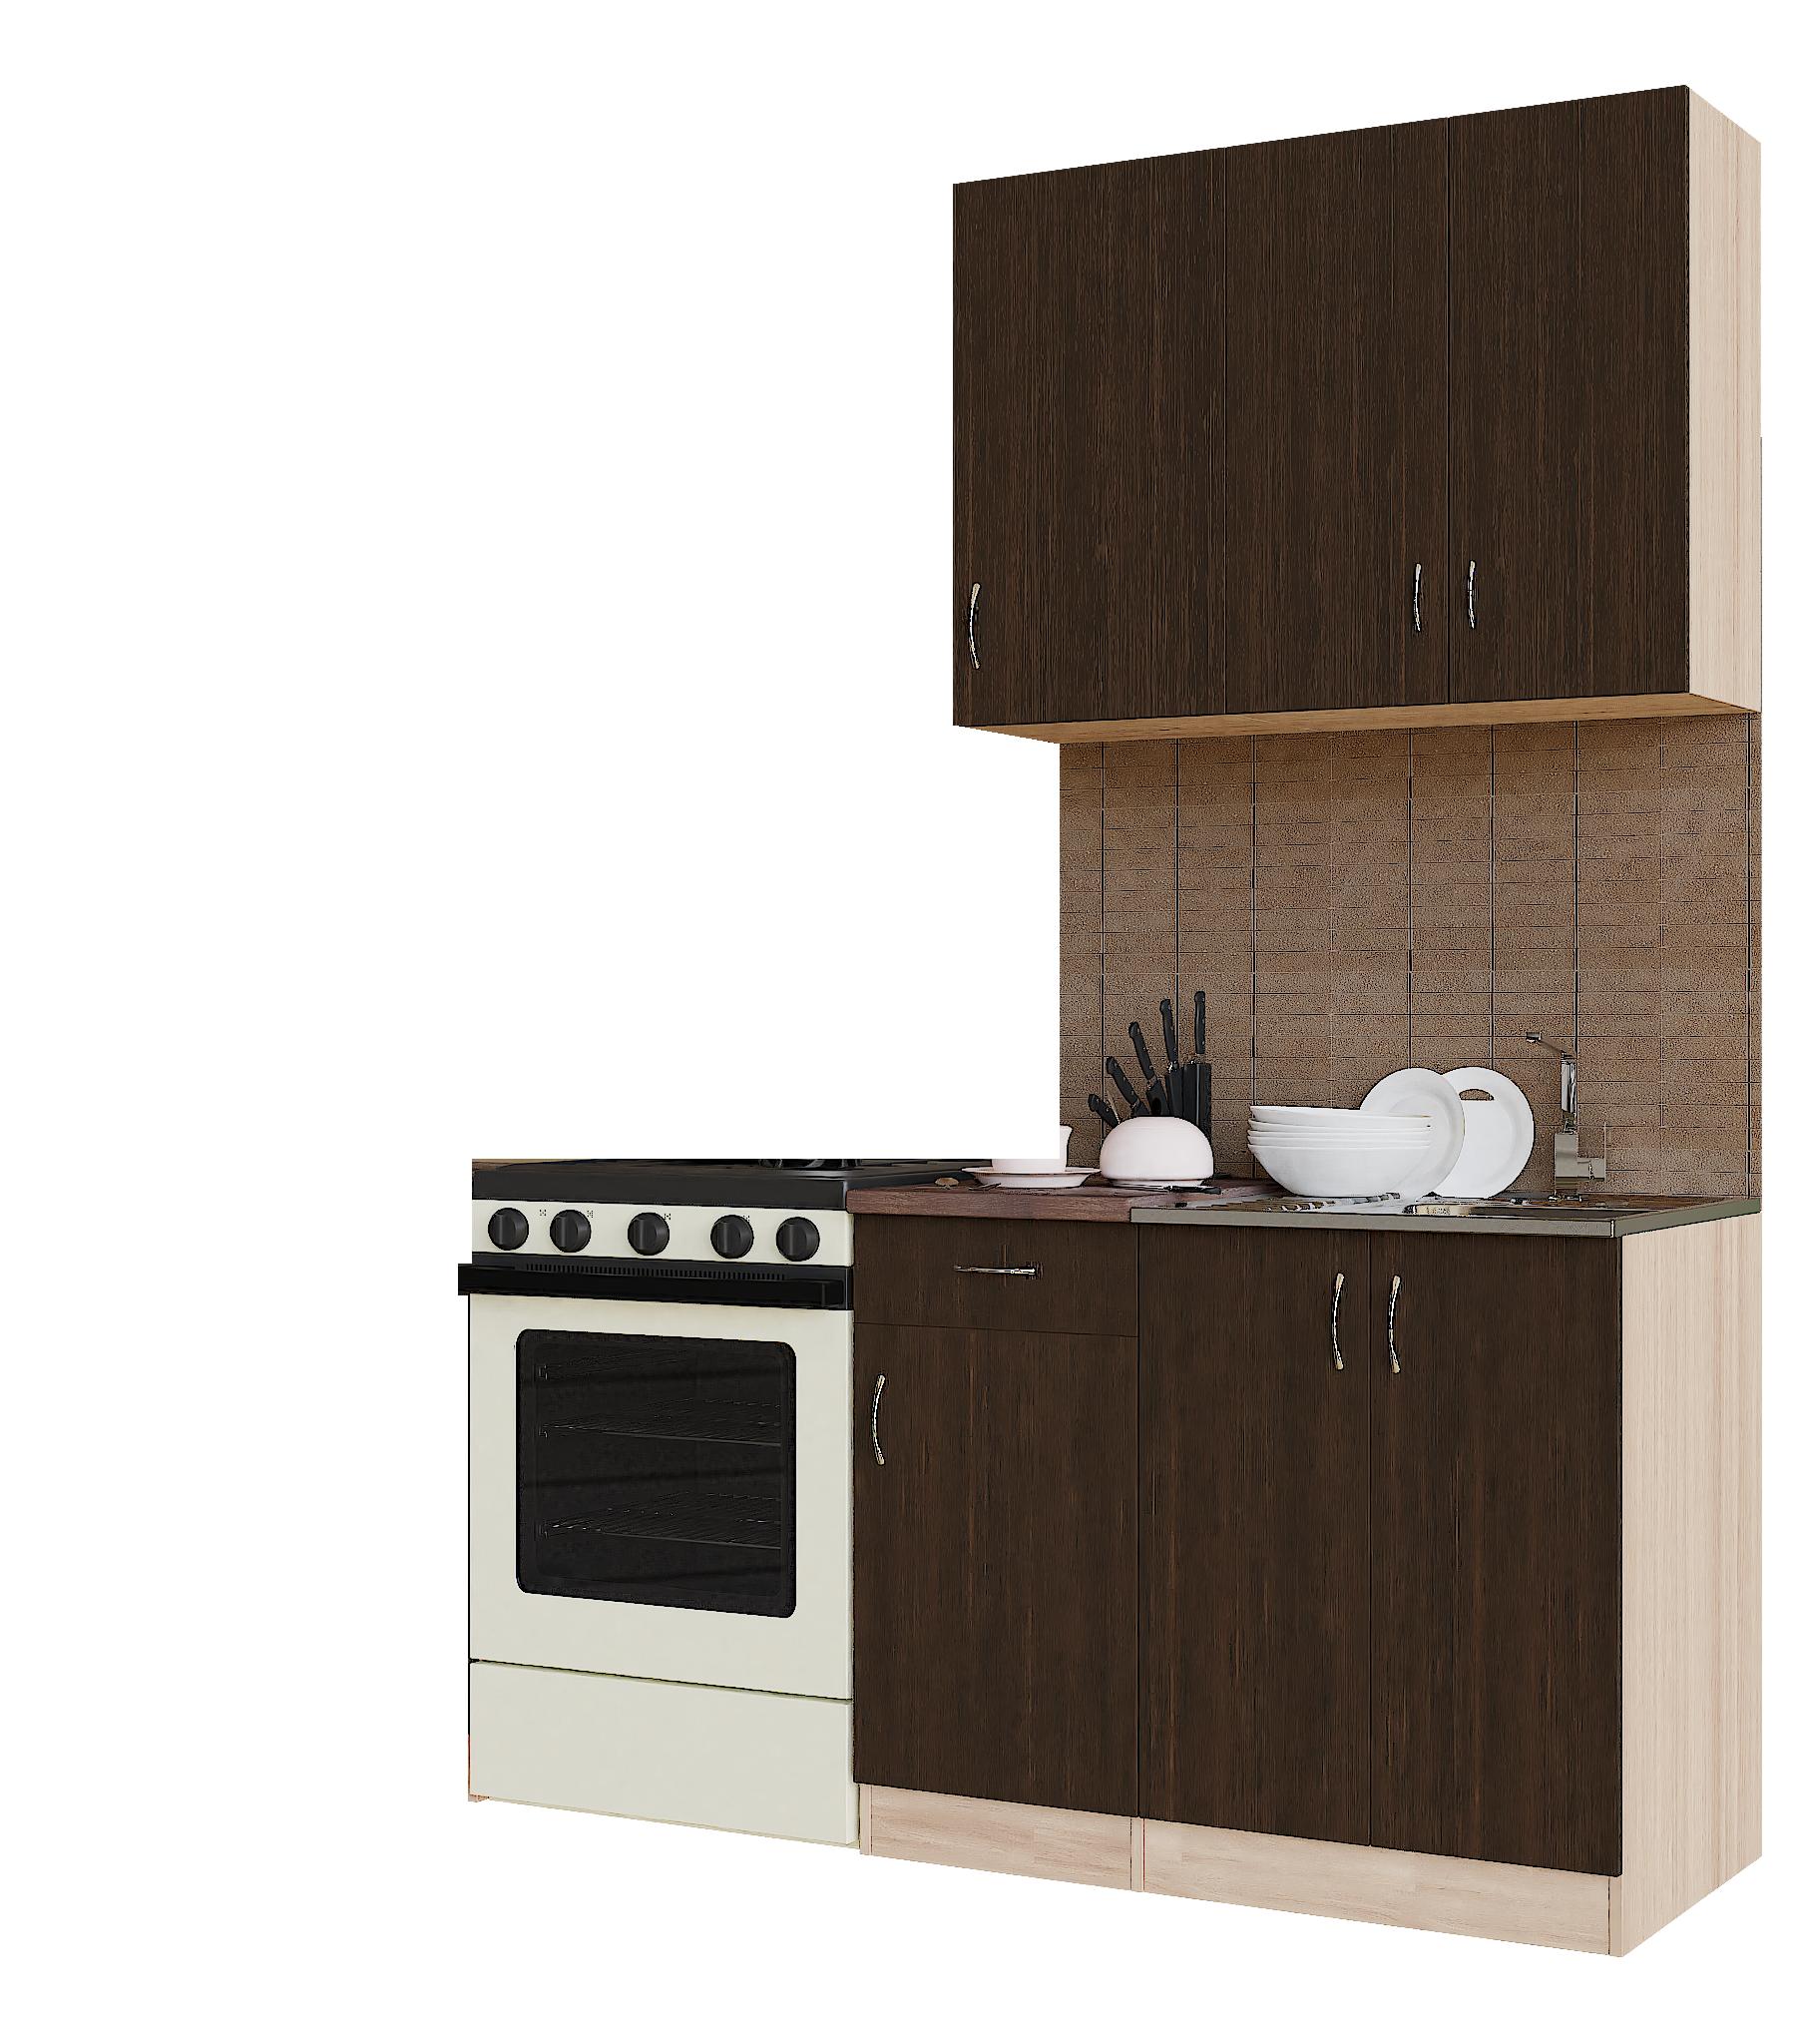 Кухонный гарнитур Sanvut ГК1000-1.3.1 Венге / Шимо светлый (венге)